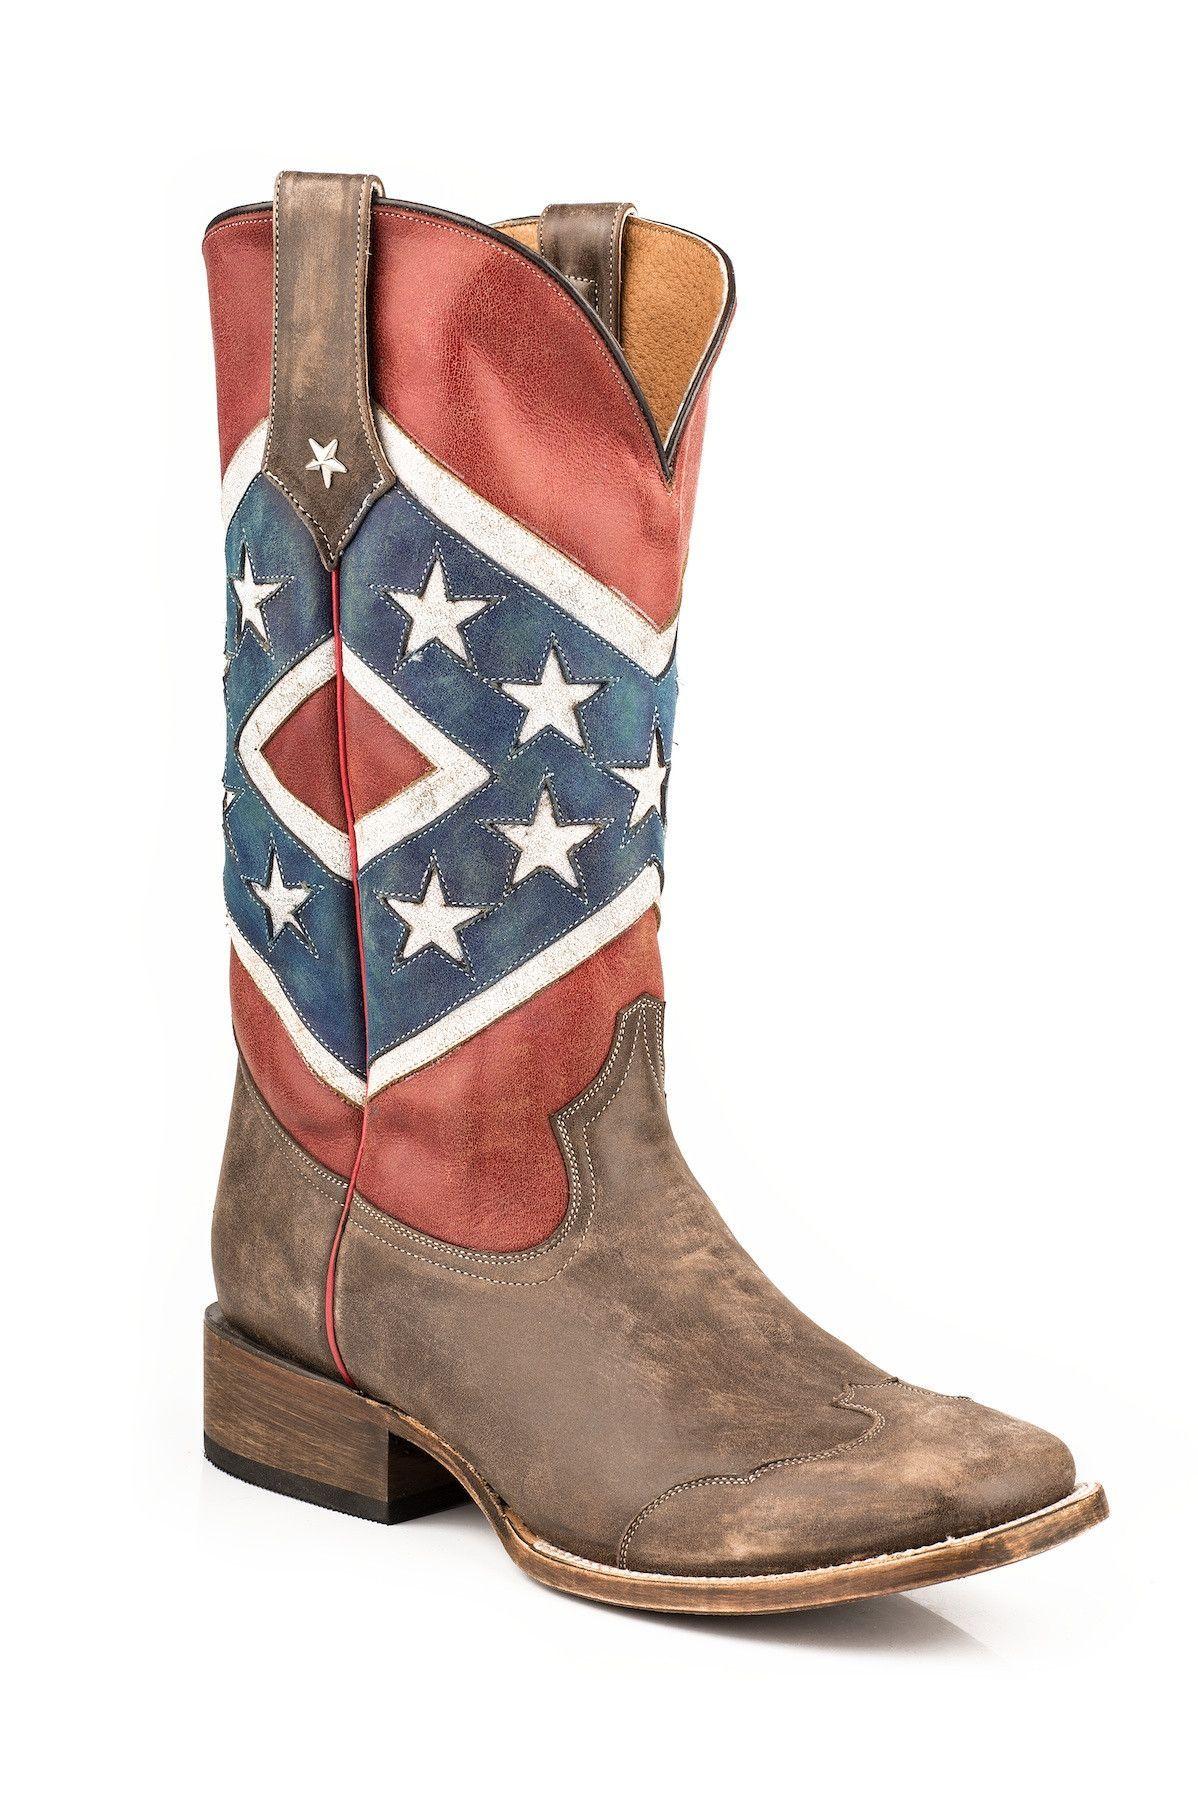 roper mens american flags boots rebel flag brown toe cap